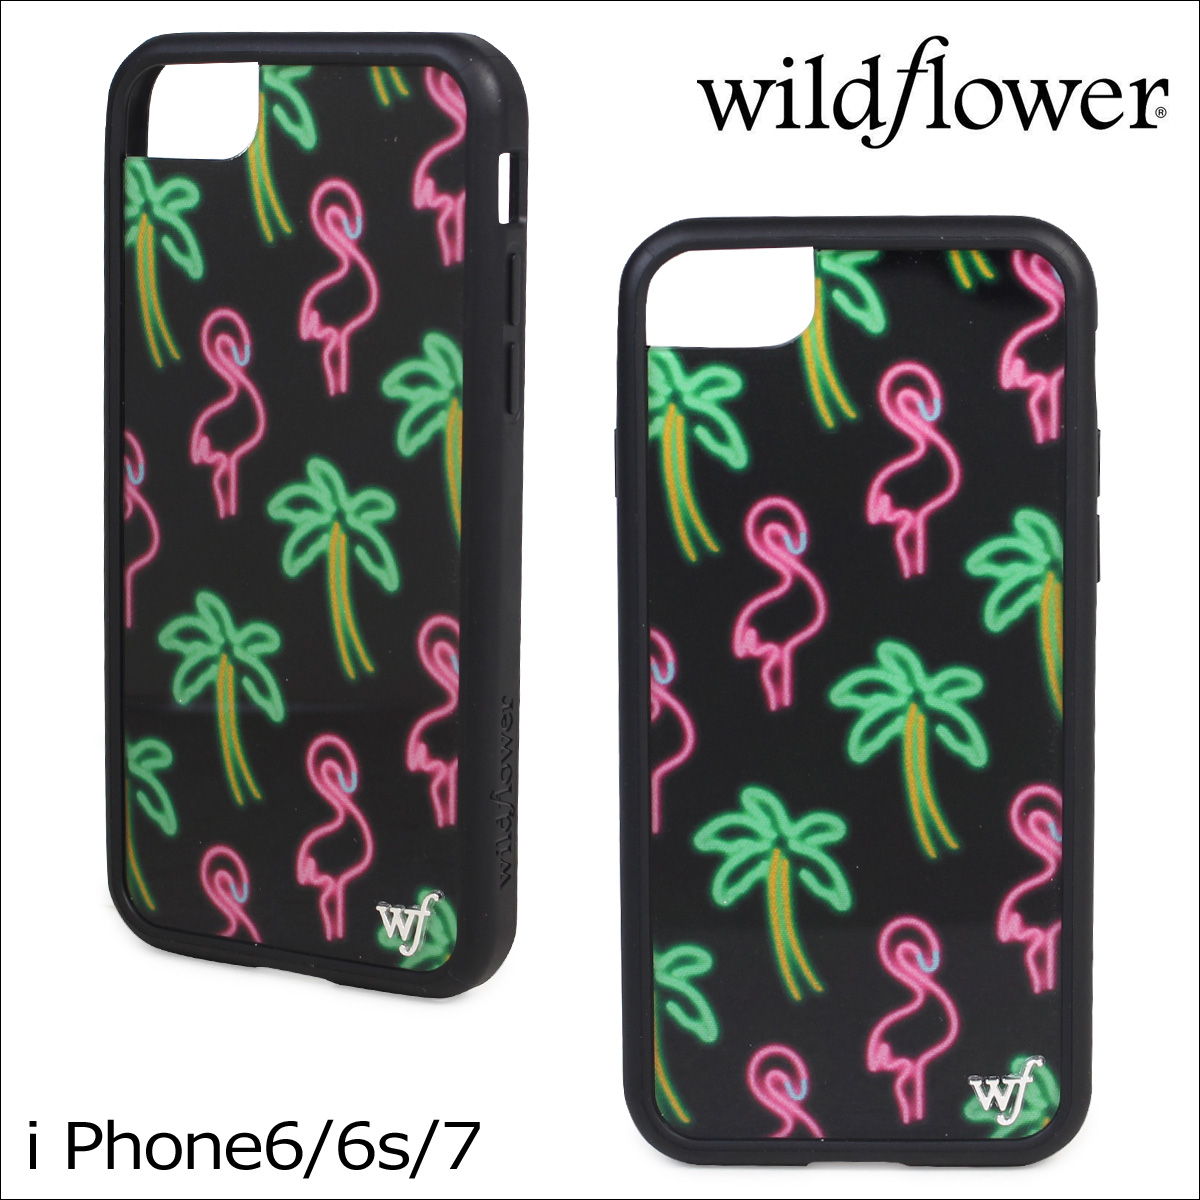 wildflower ワイルドフラワー iPhone8 SE 7 6 6s ケース スマホ 携帯 アイフォン レディース ブラック 黒 MIAM ネコポス可